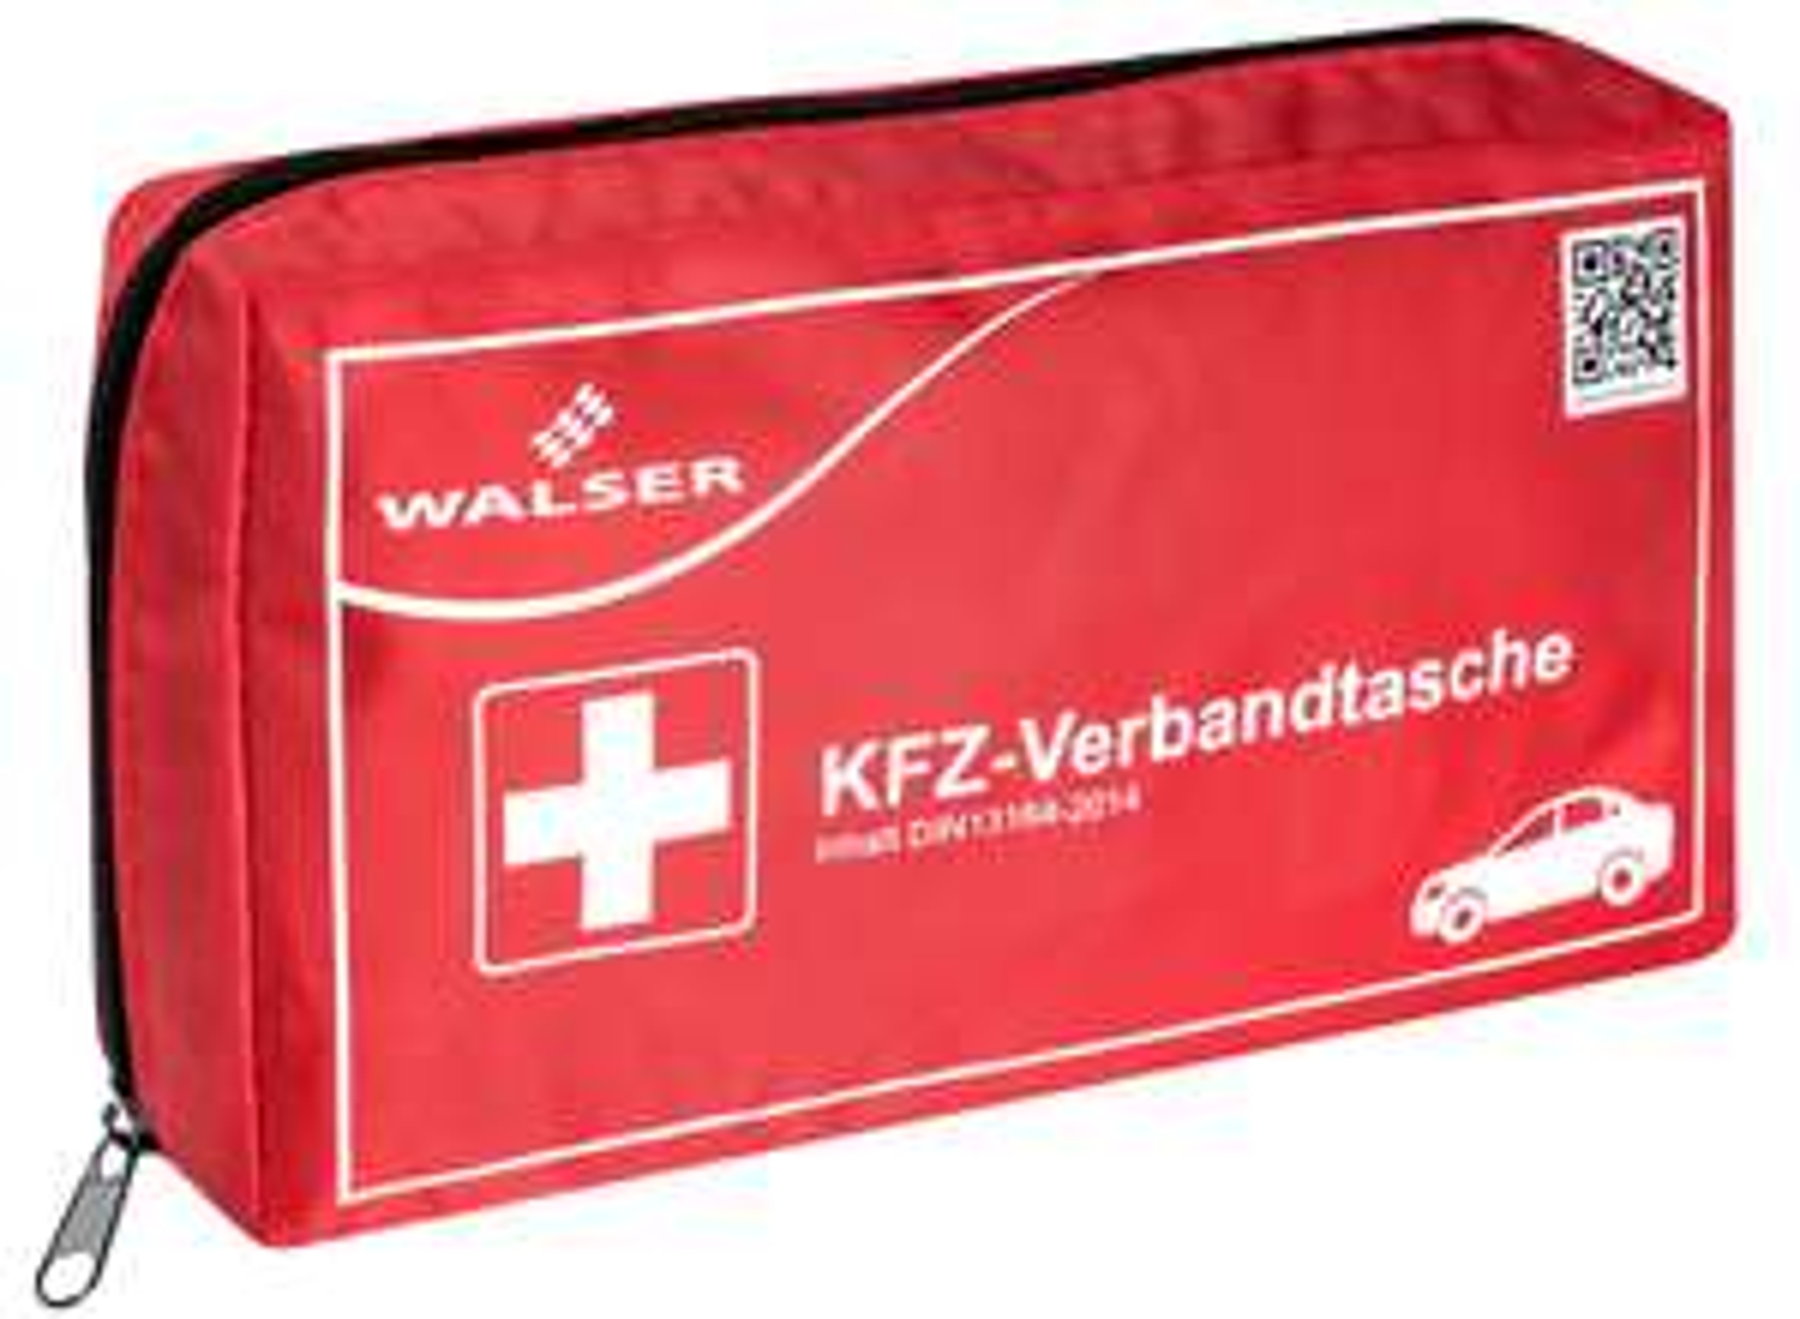 Walser KFZ-Verbandtasche nach DIN 13164-2014 (230 x 130 x 55mm) für 4,99 Euro [Kaufland]